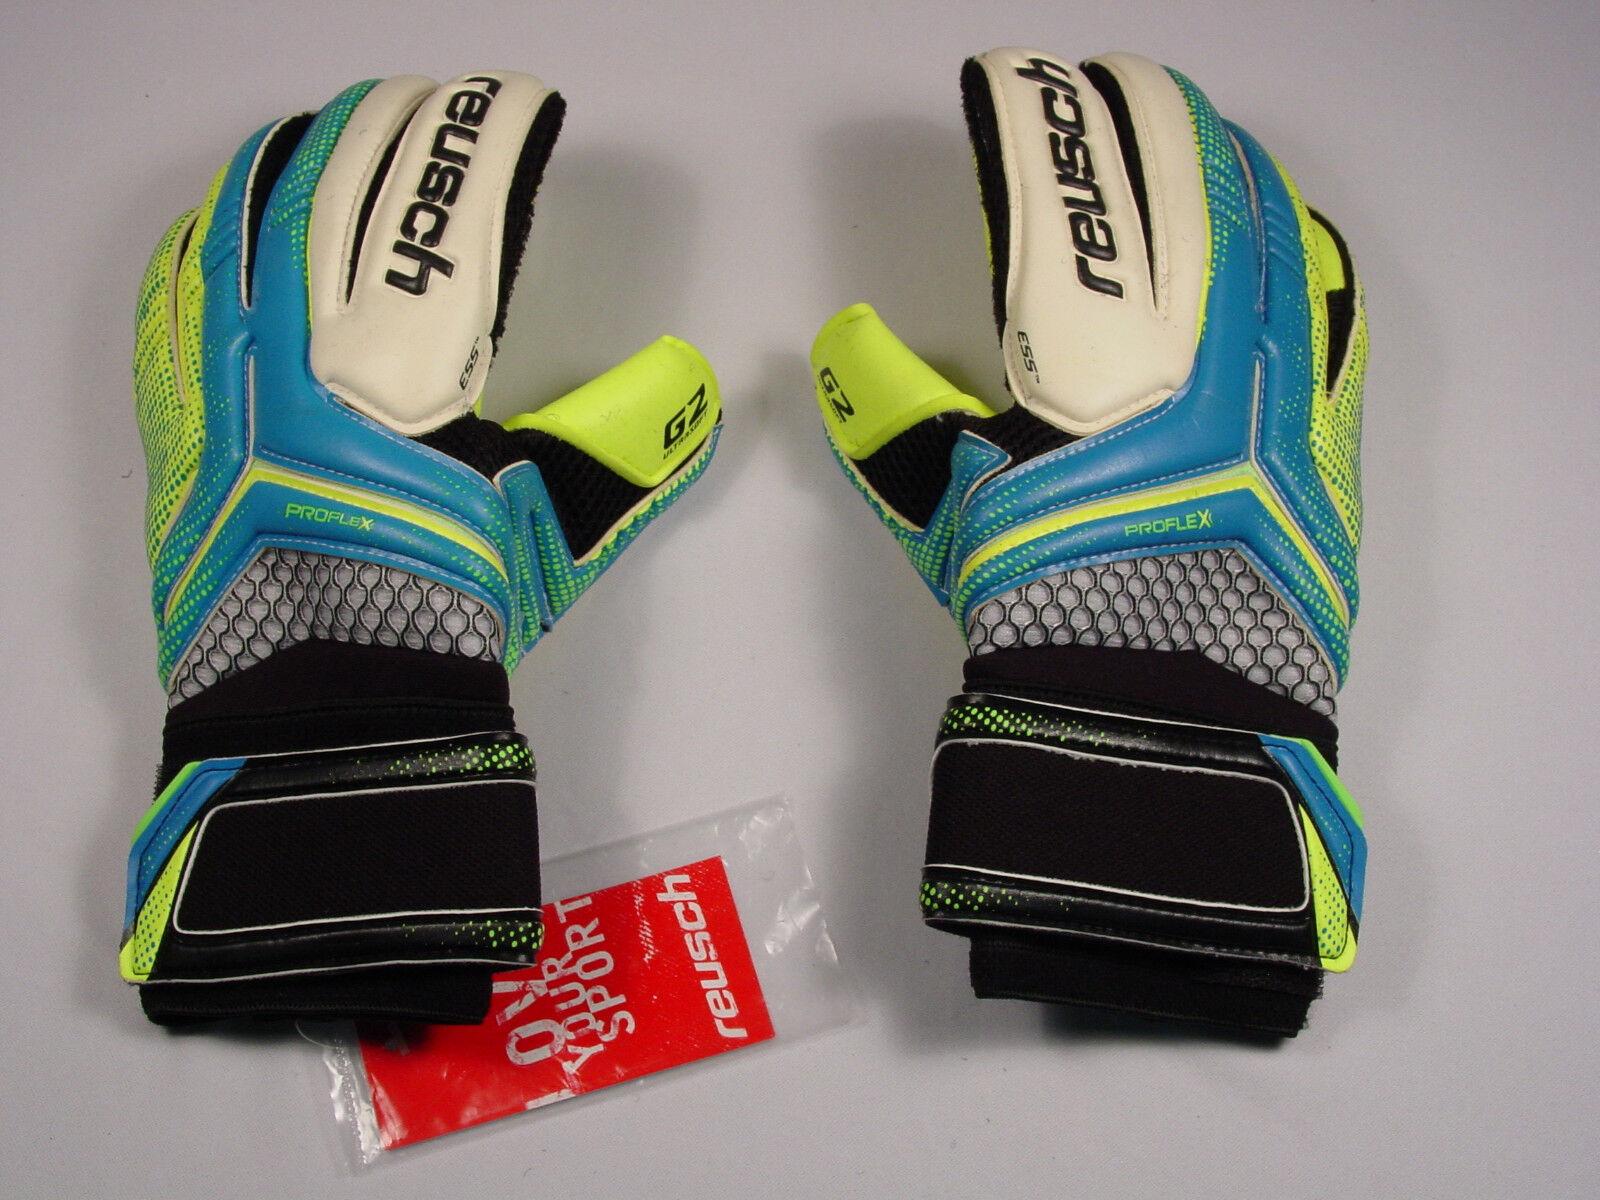 Reusch Guantes De Arquero De Fútbol Re  Ceptor Pro G2 3570906S SZ9 azul y amarillo de muestras